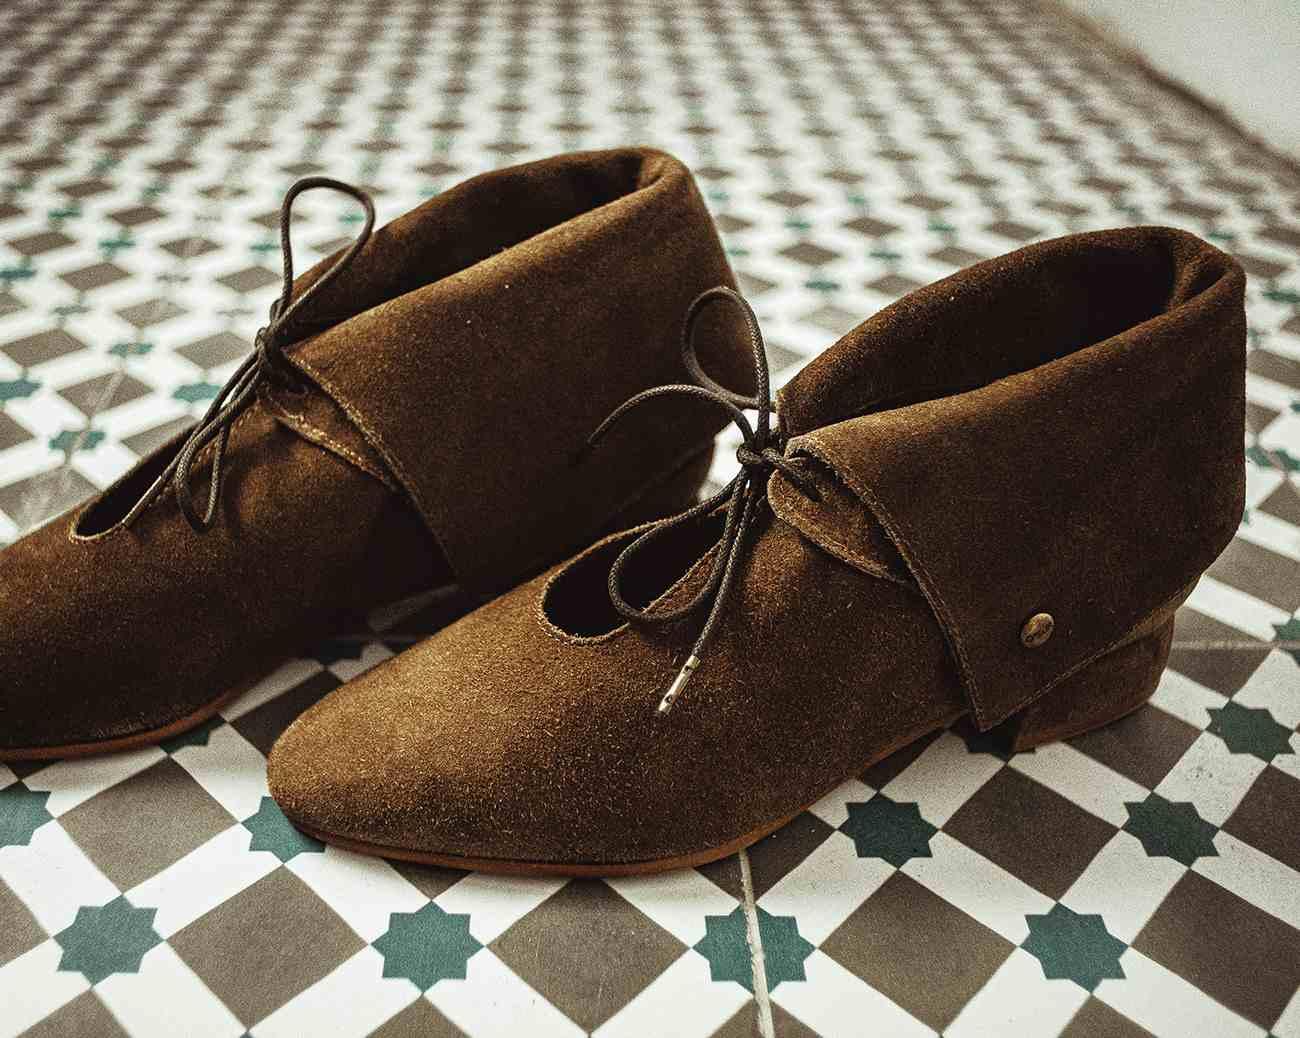 4 materiales que utilizamos en nuestros zapatos artesanales y deberías conocer - Portada